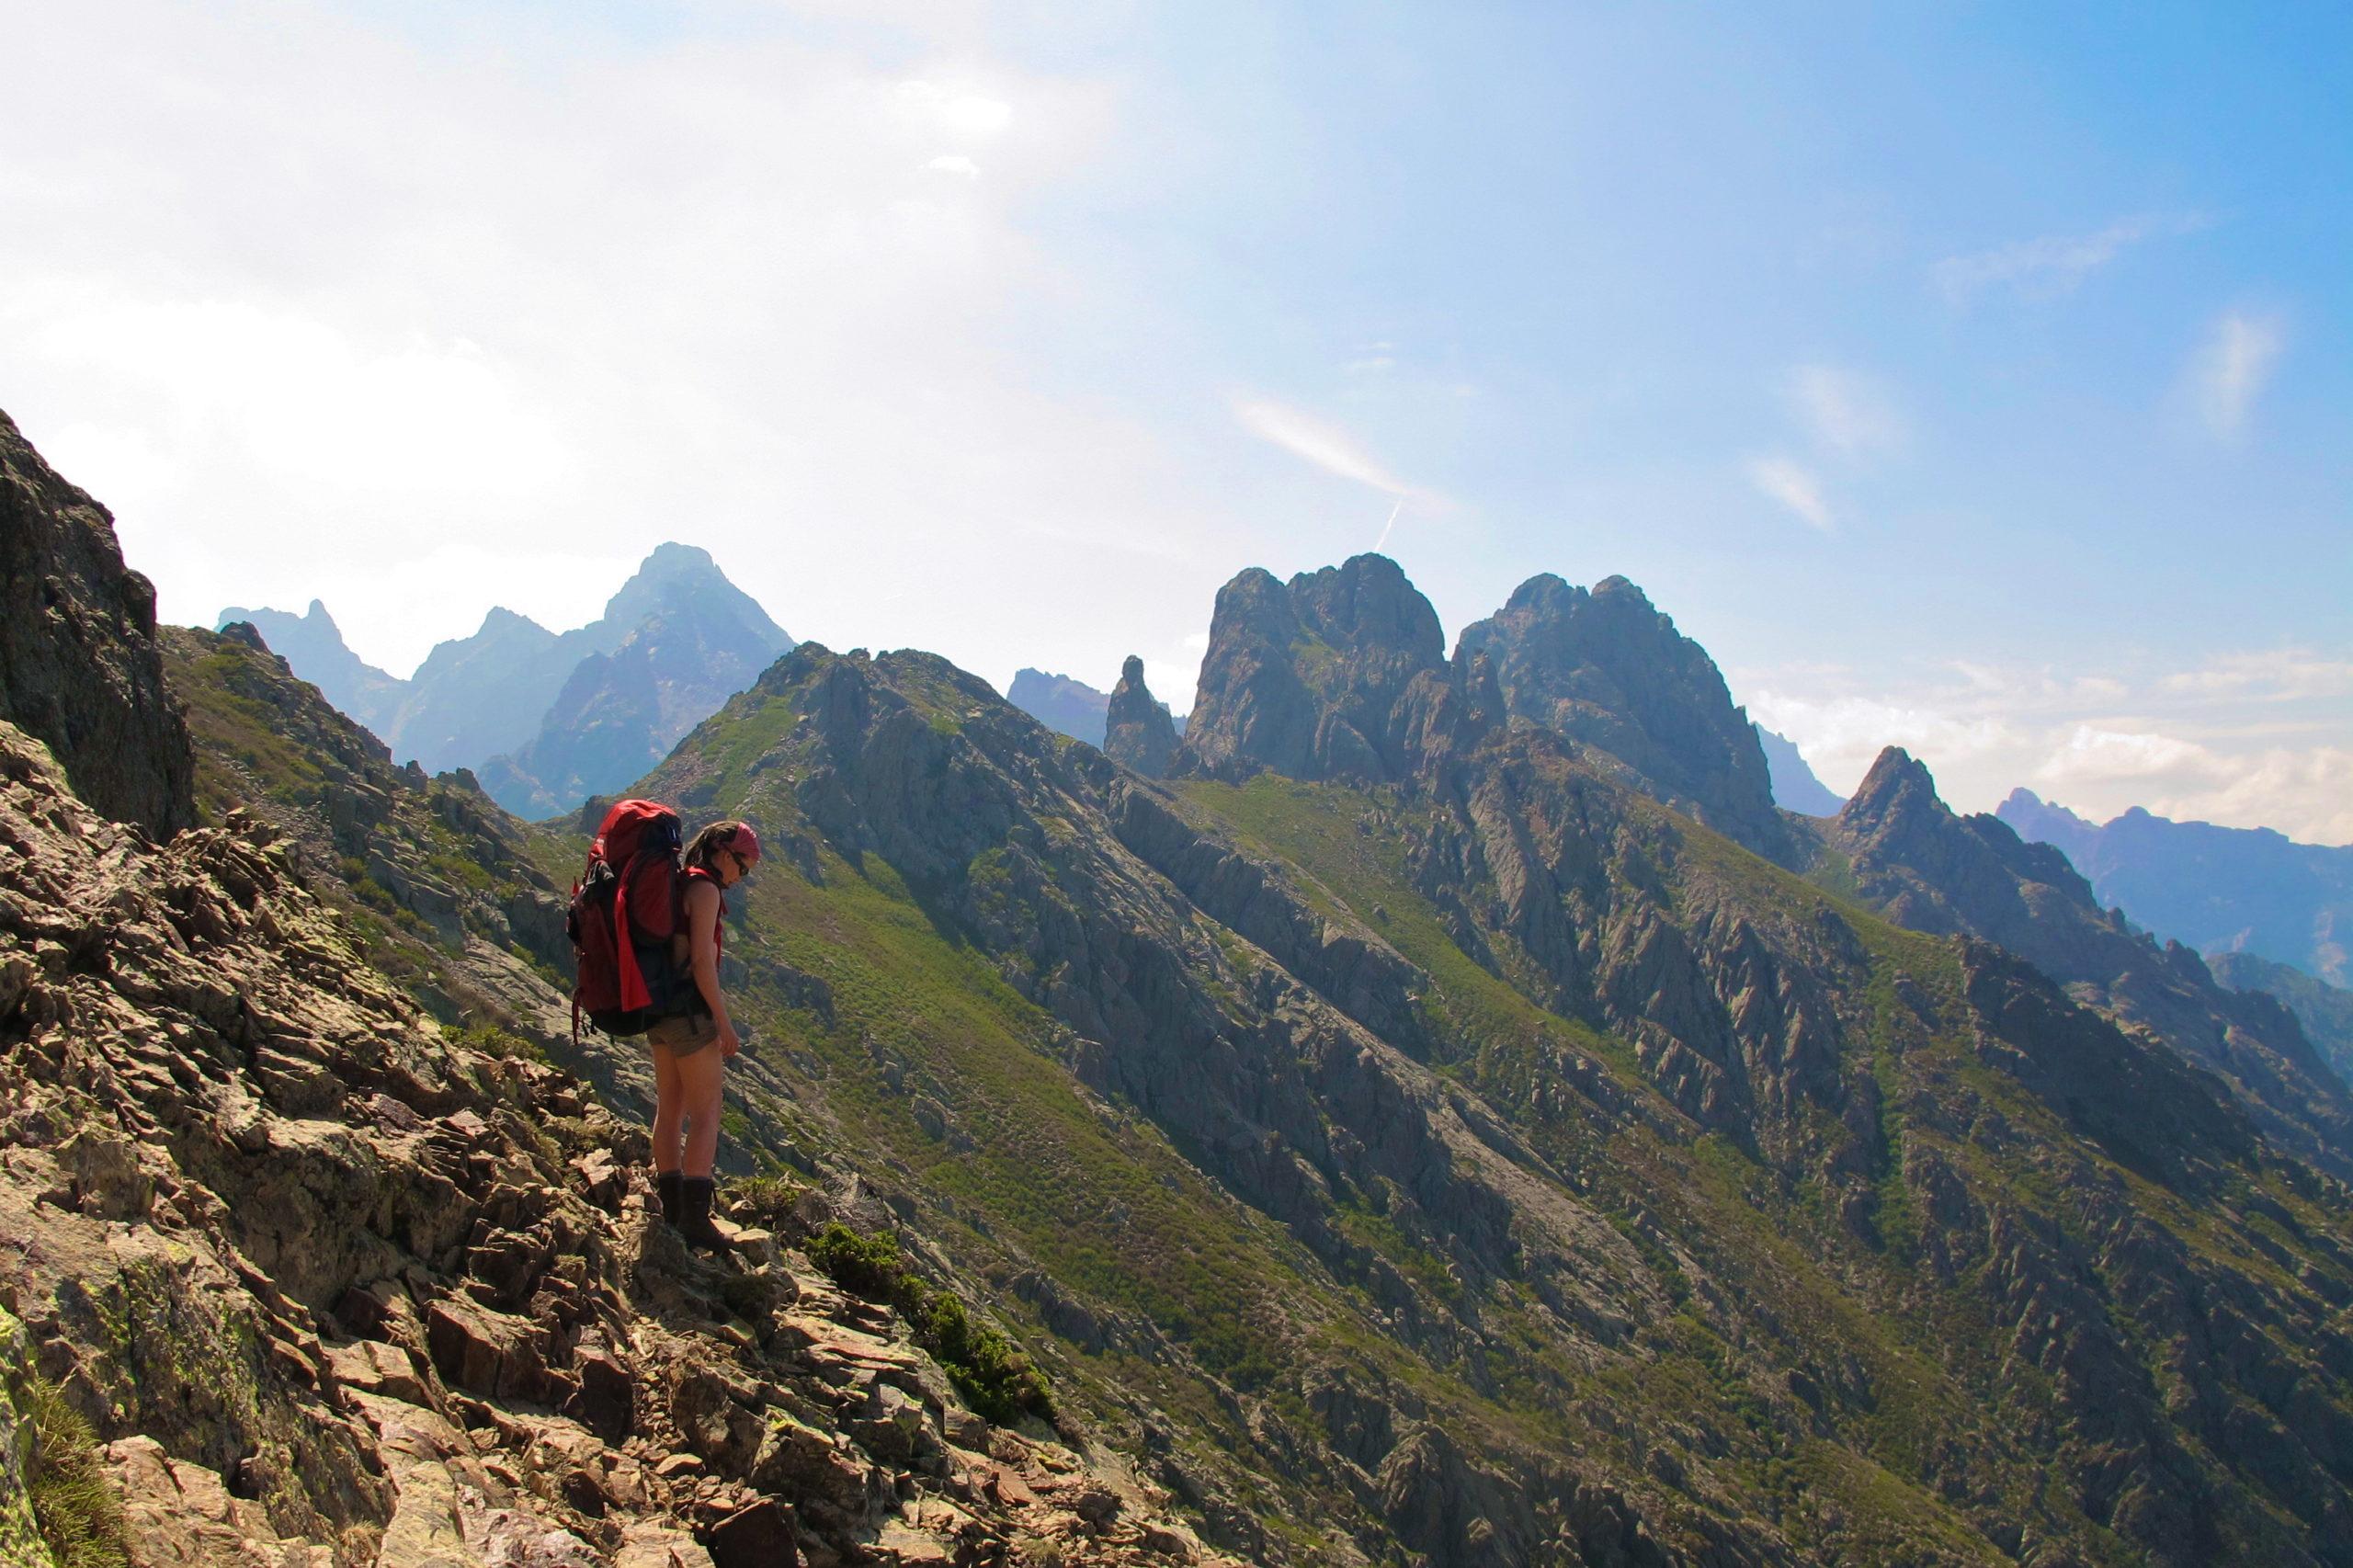 UTEMAGASINET: «Korsika på langs»